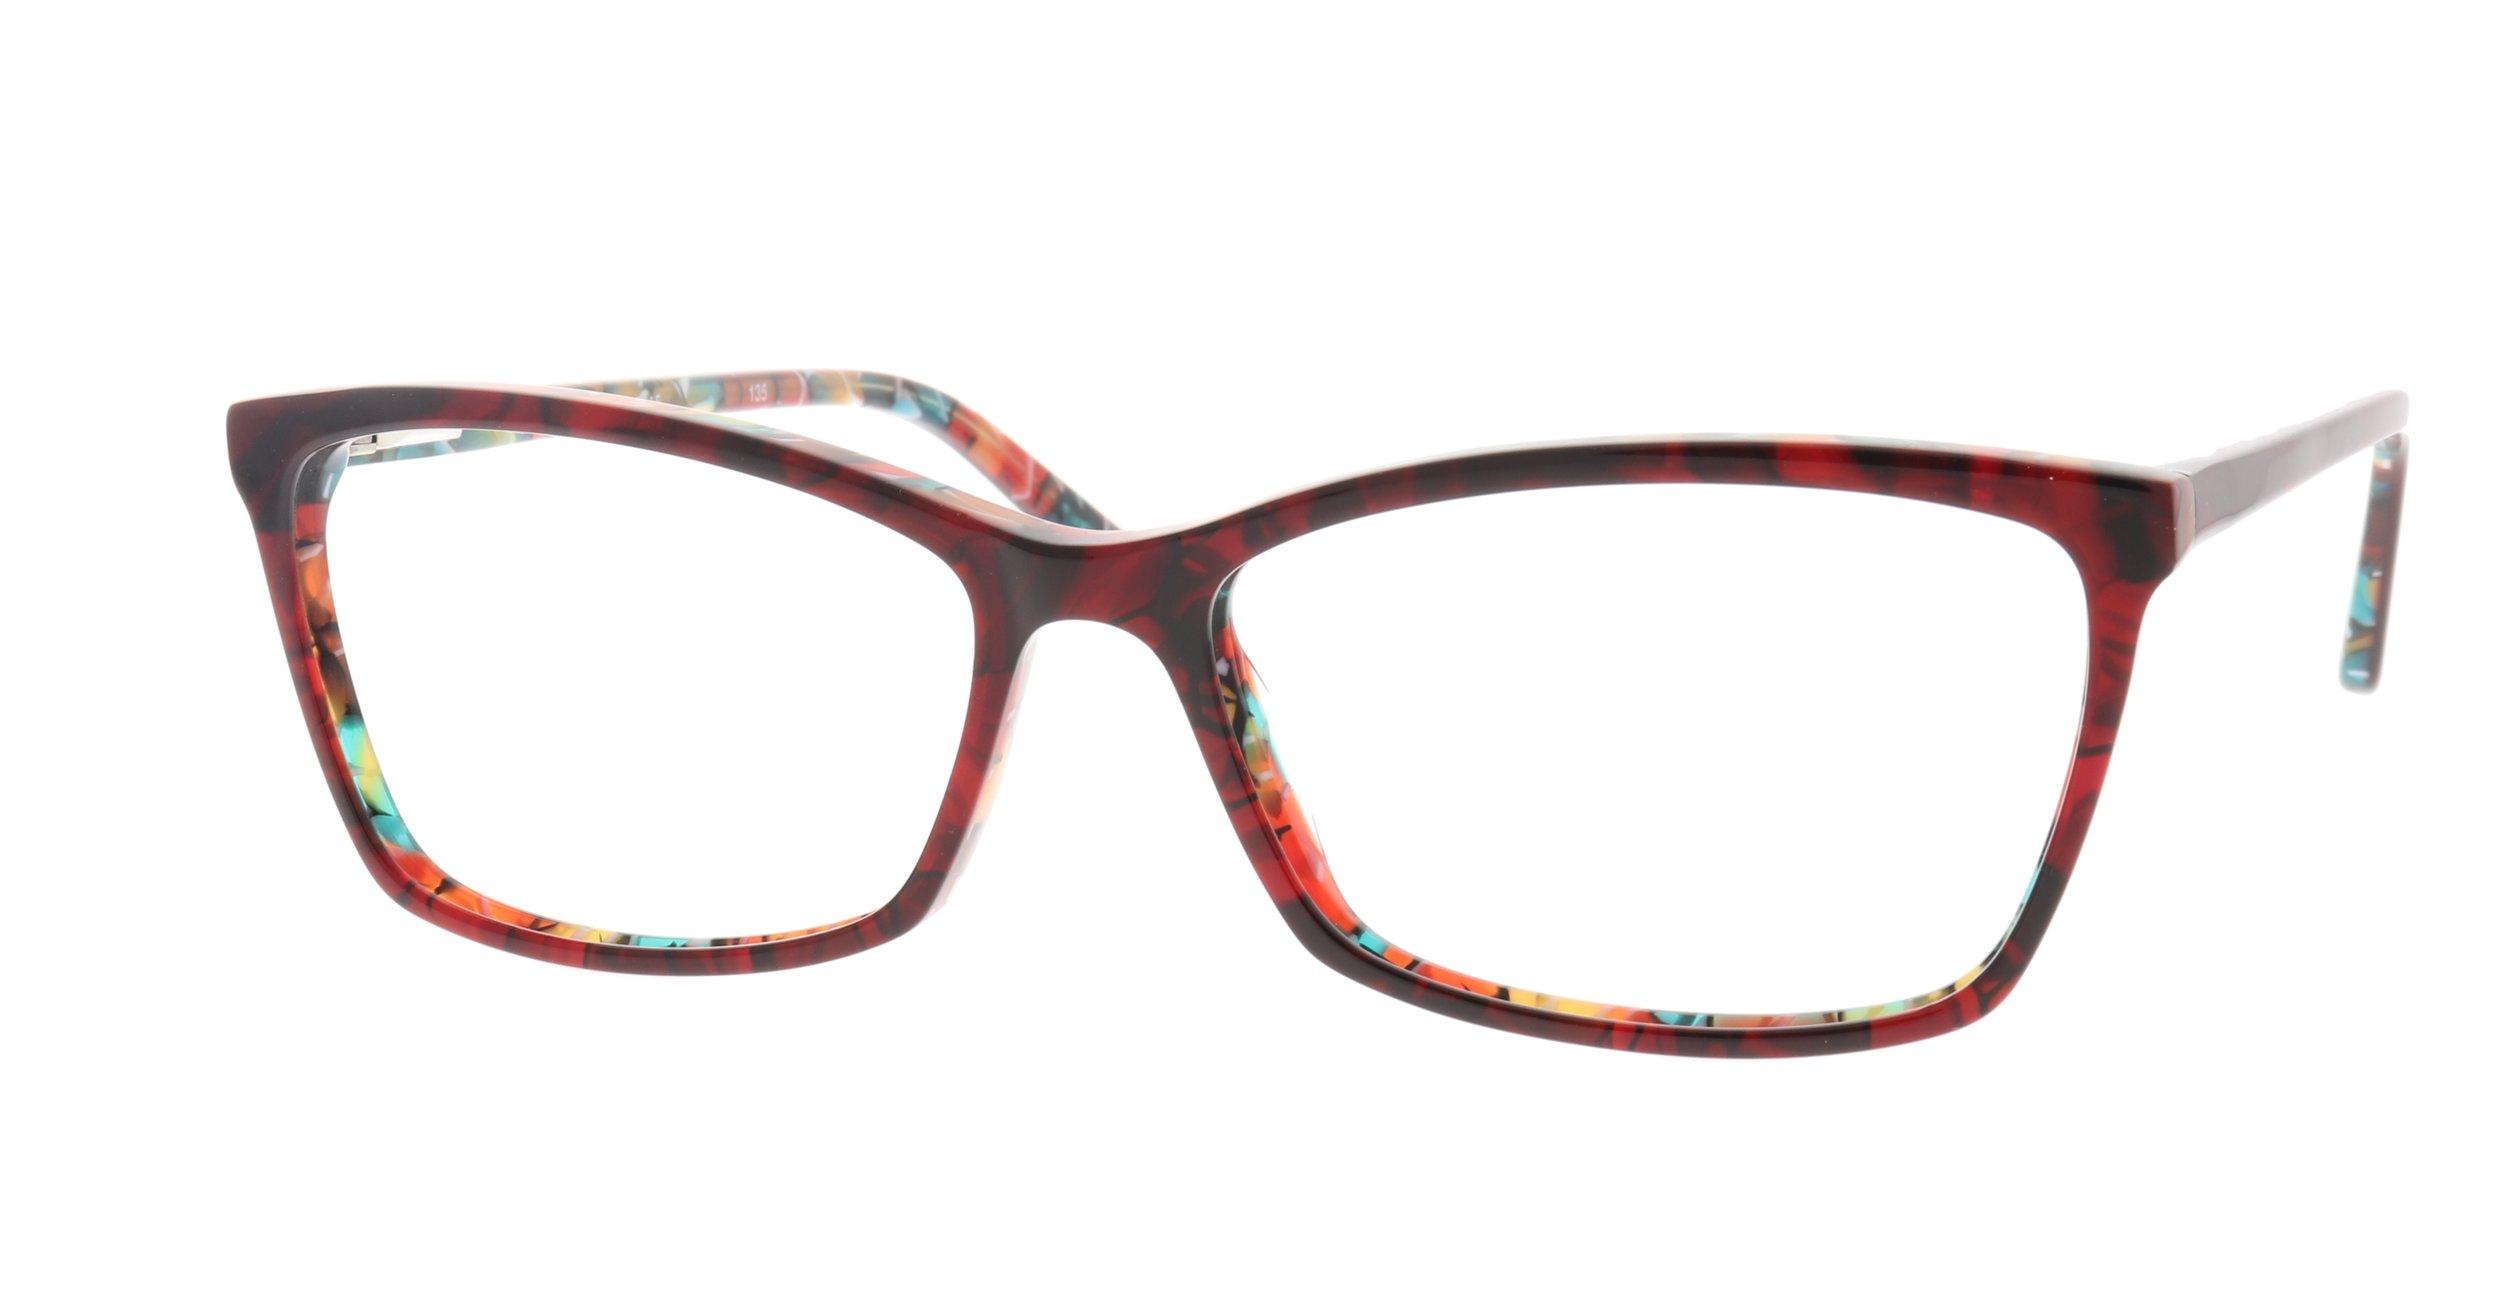 SparePair Eyewear 002.jpg